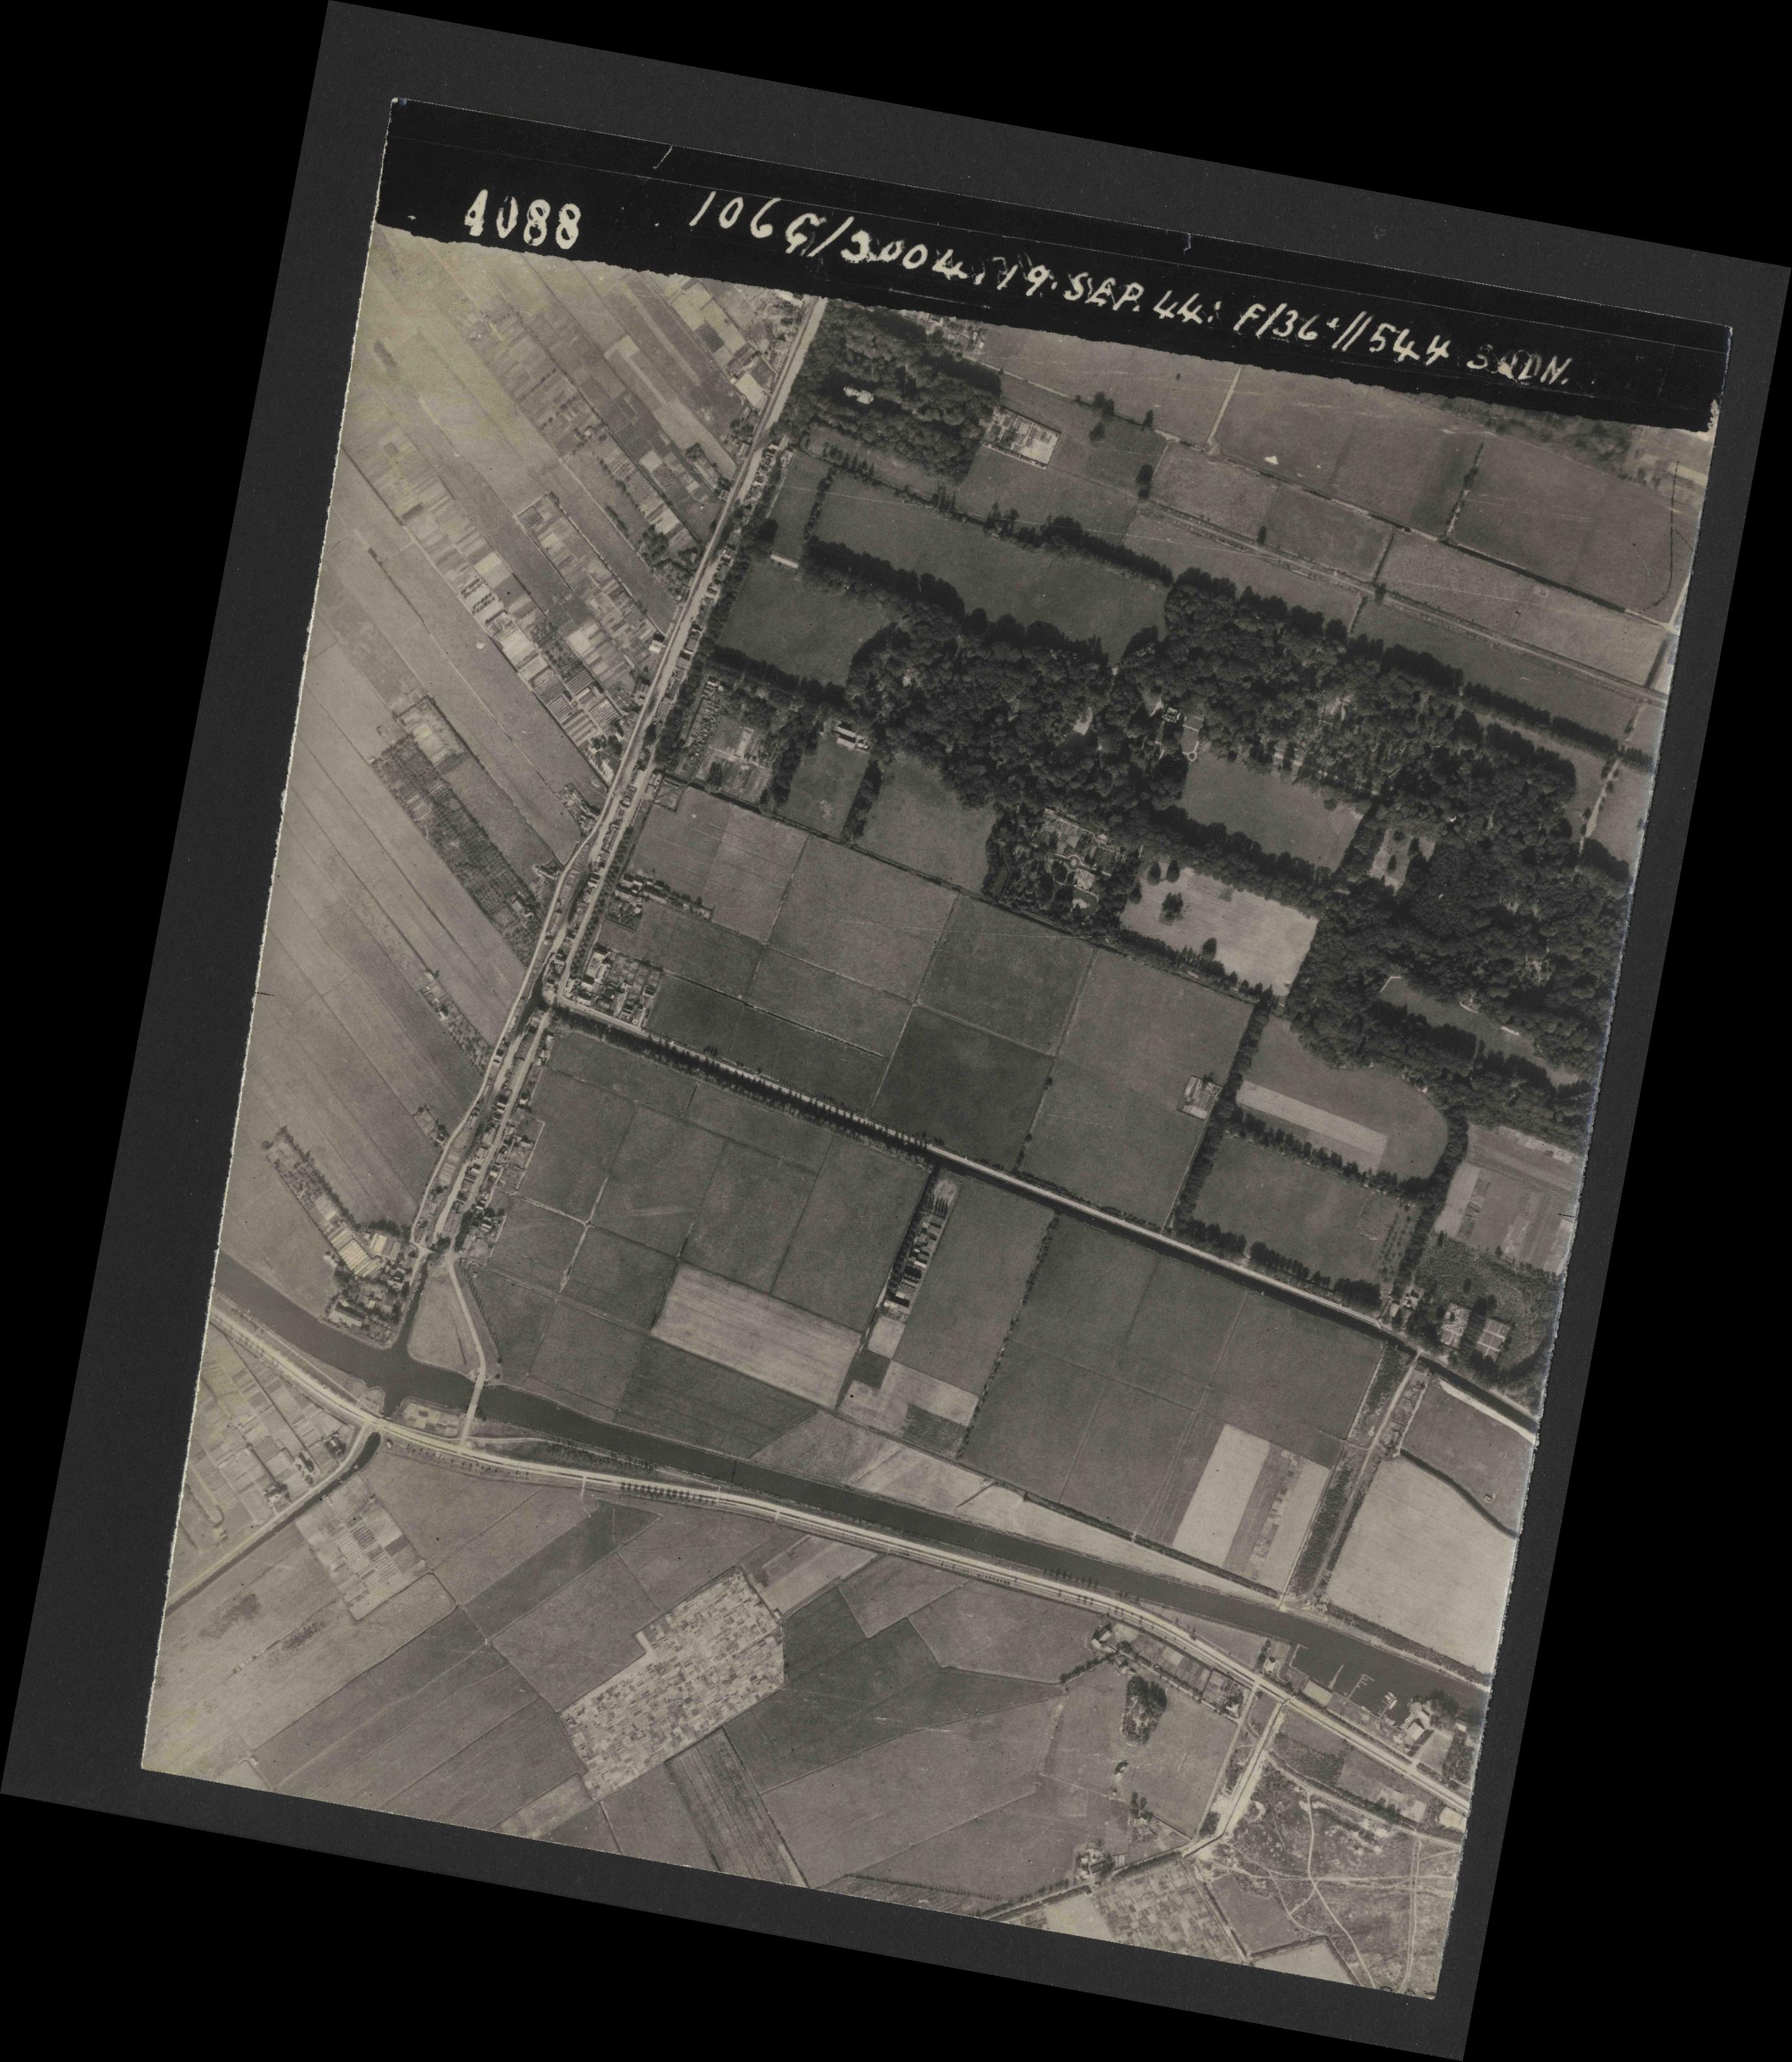 Collection RAF aerial photos 1940-1945 - flight 281, run 03, photo 4088